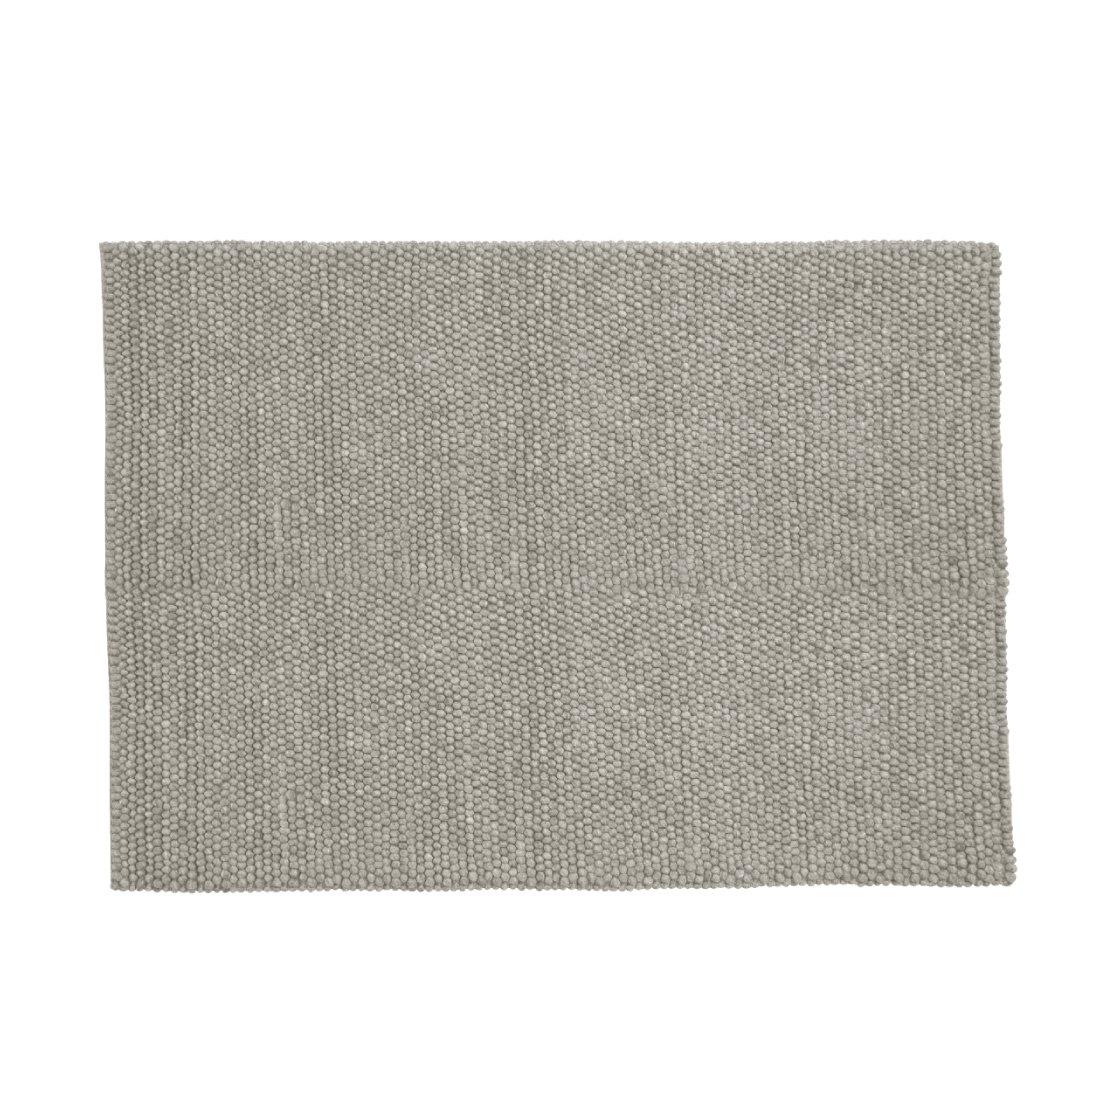 HAY Peas Karpet Vloerkleed Medium Grijs 140 x 80 cm